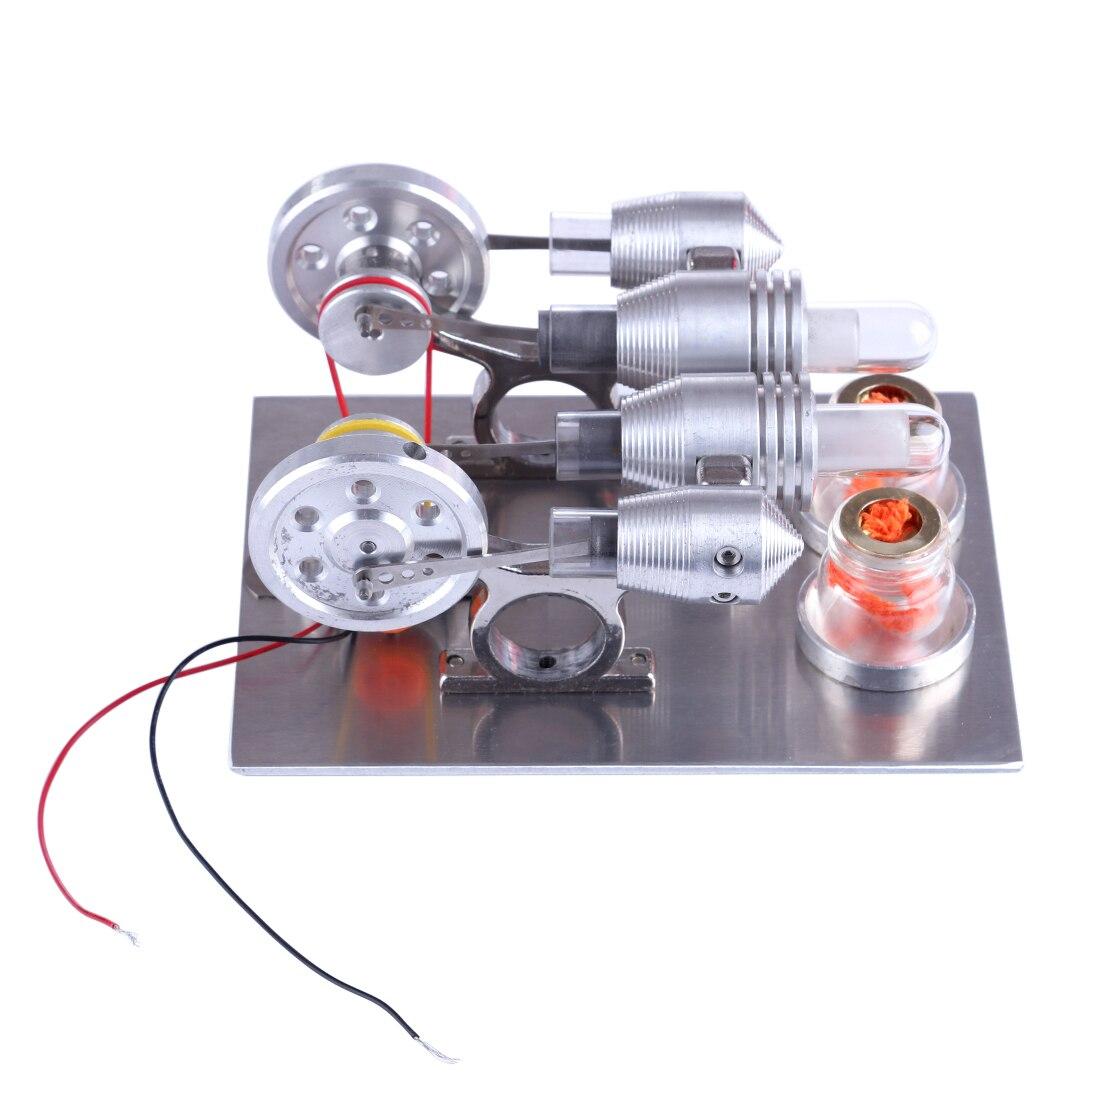 Double Cylindre Moteur Stirling Modèle Physique Expérience Scientifique Jouet pour L'apprentissage Des Élèves Kit Enfants Développement Précoce Jouets 2018